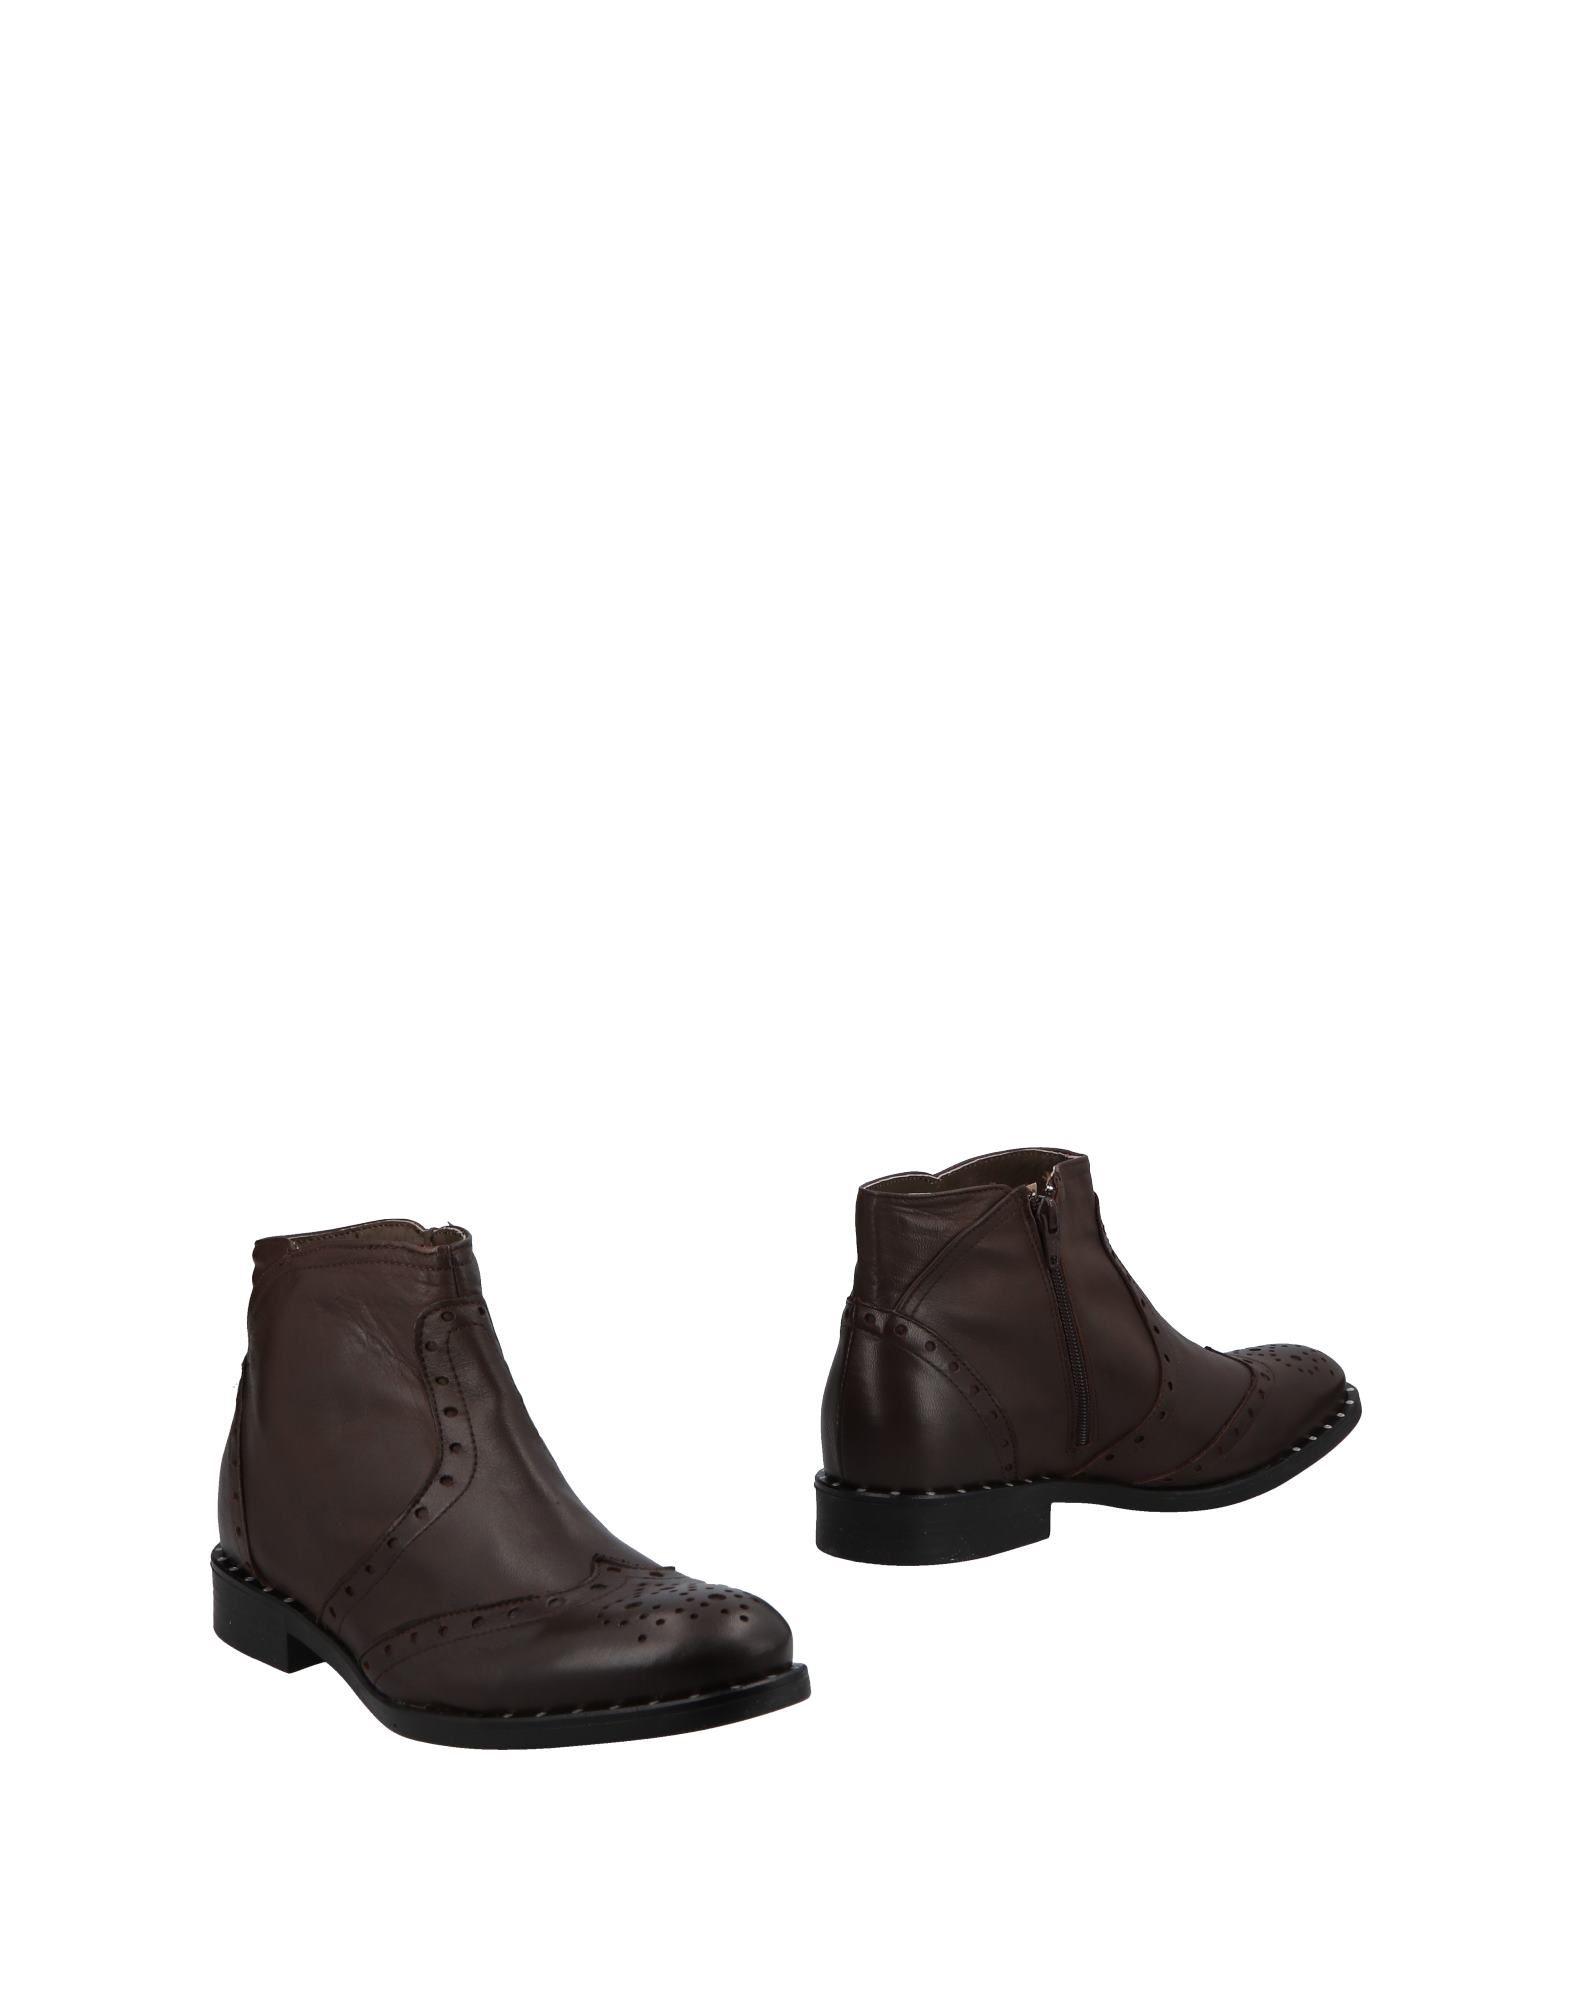 Donna Più Stiefelette Damen    11504513FV Gute Qualität beliebte Schuhe 9aa1f2